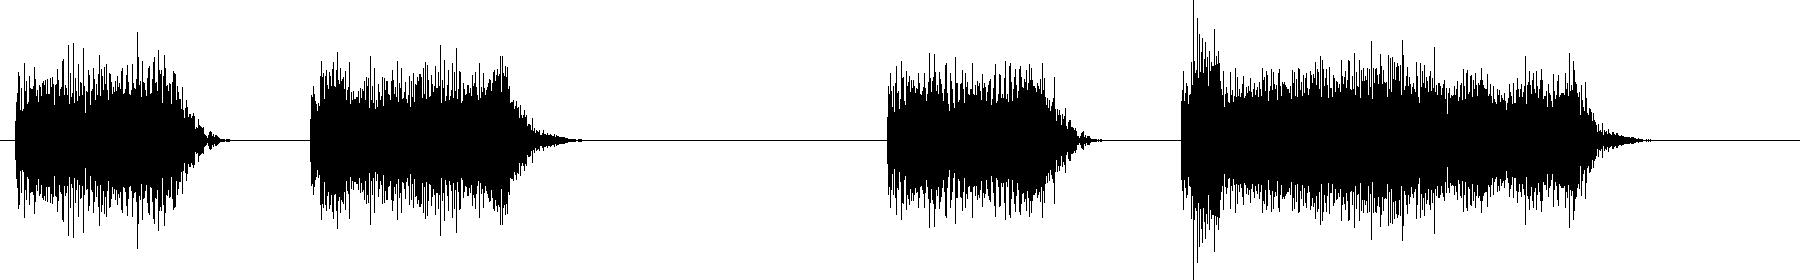 vocal fx   naming deep house genre 120 bpm